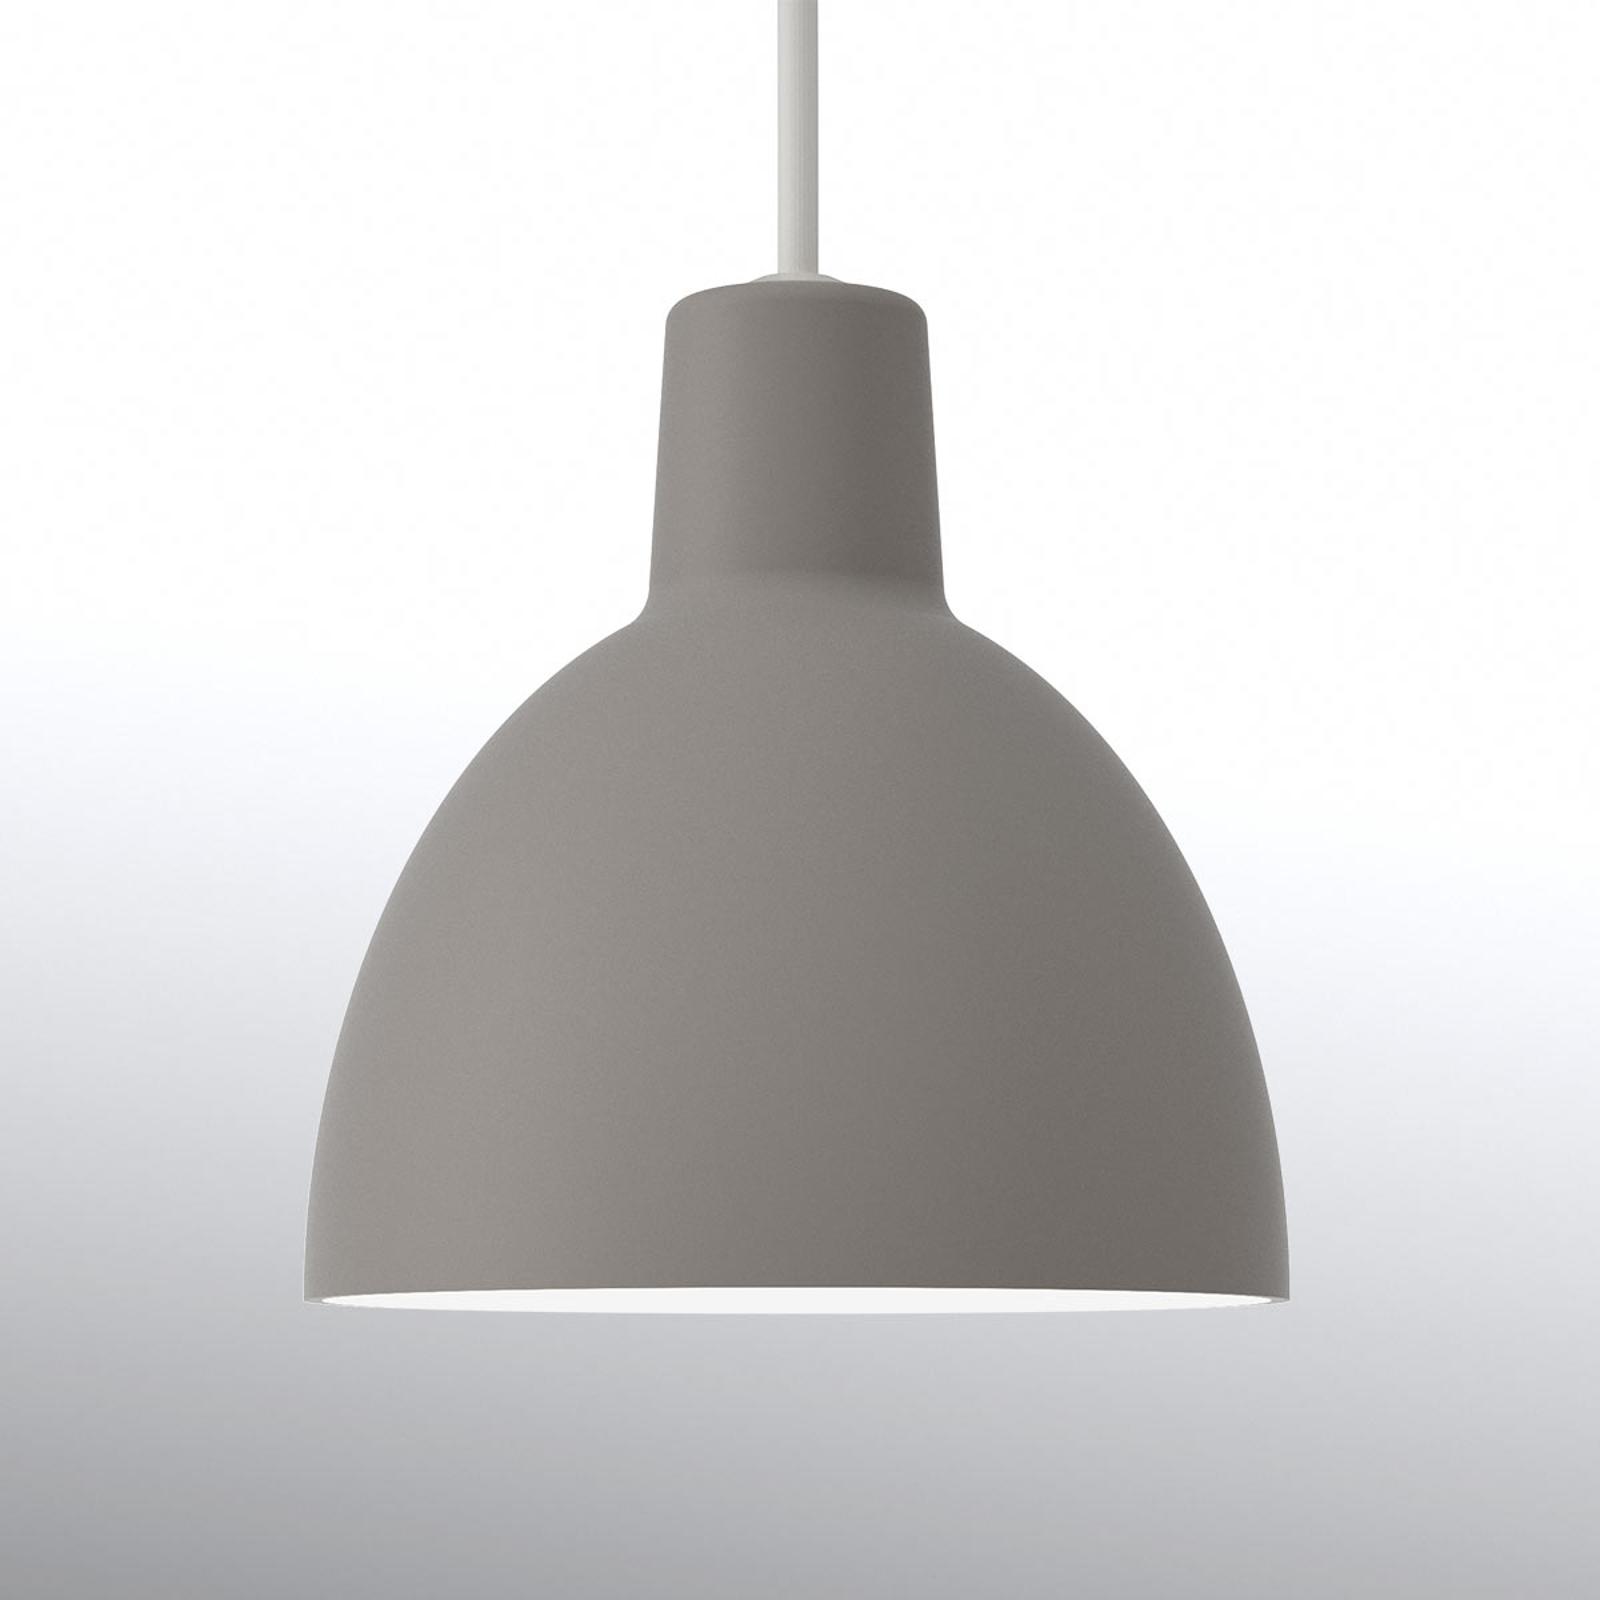 Minimalistische hanglamp Toldbod 120, lichtgrijs